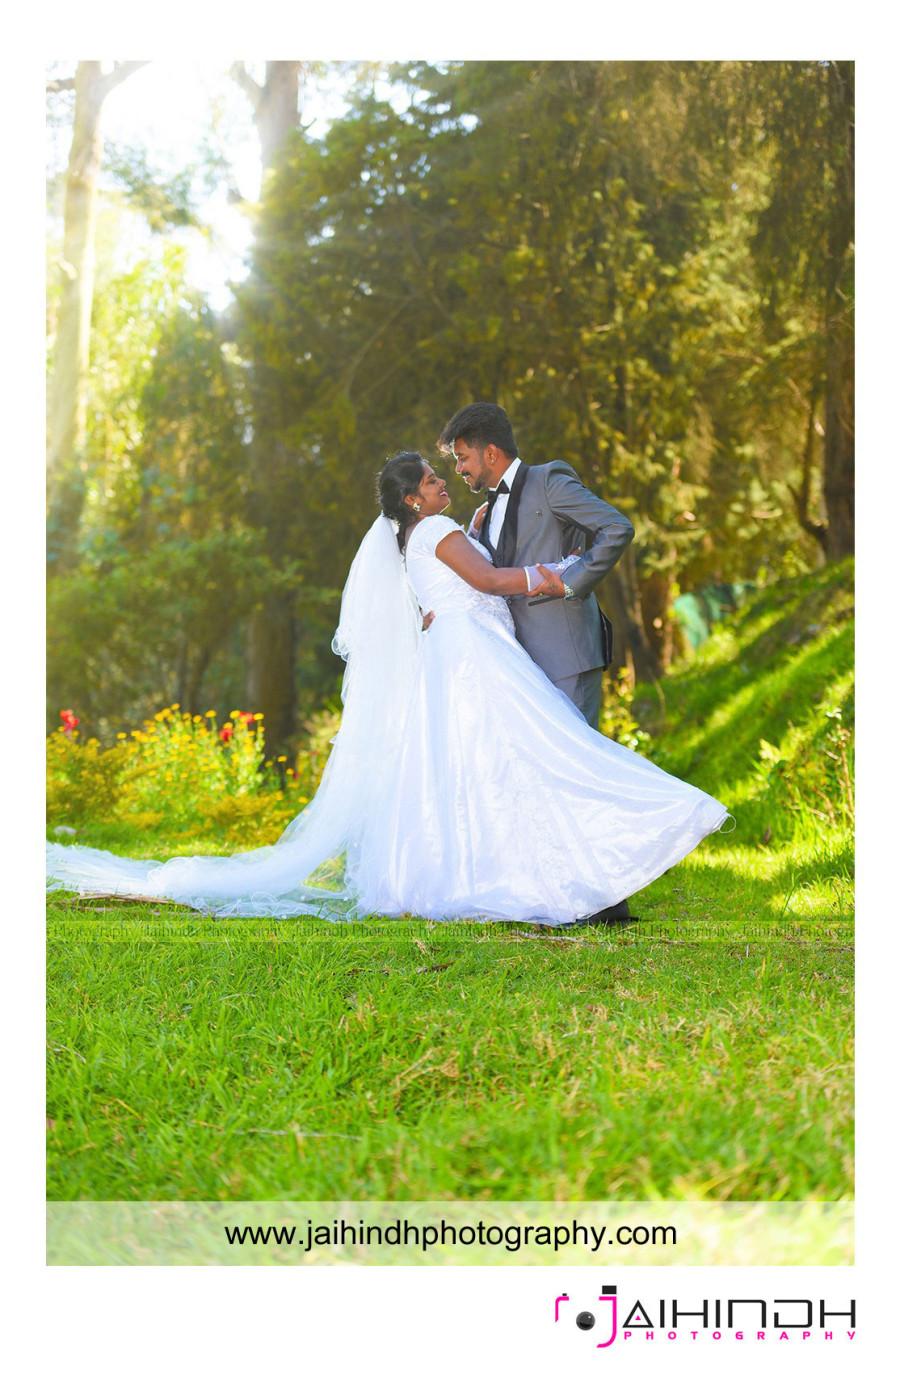 Candid photography in Karaikudi, Wedding Photography in Karaikudi, Best Photographers in Karaikudi, Candid wedding photographers in Karaikudi, Marriage photography in Karaikudi, Candid Photography in Karaikudi, Best Candid Photographers in Karaikudi. Videographers in Karaikudi, Wedding Videographers in Karaikudi.